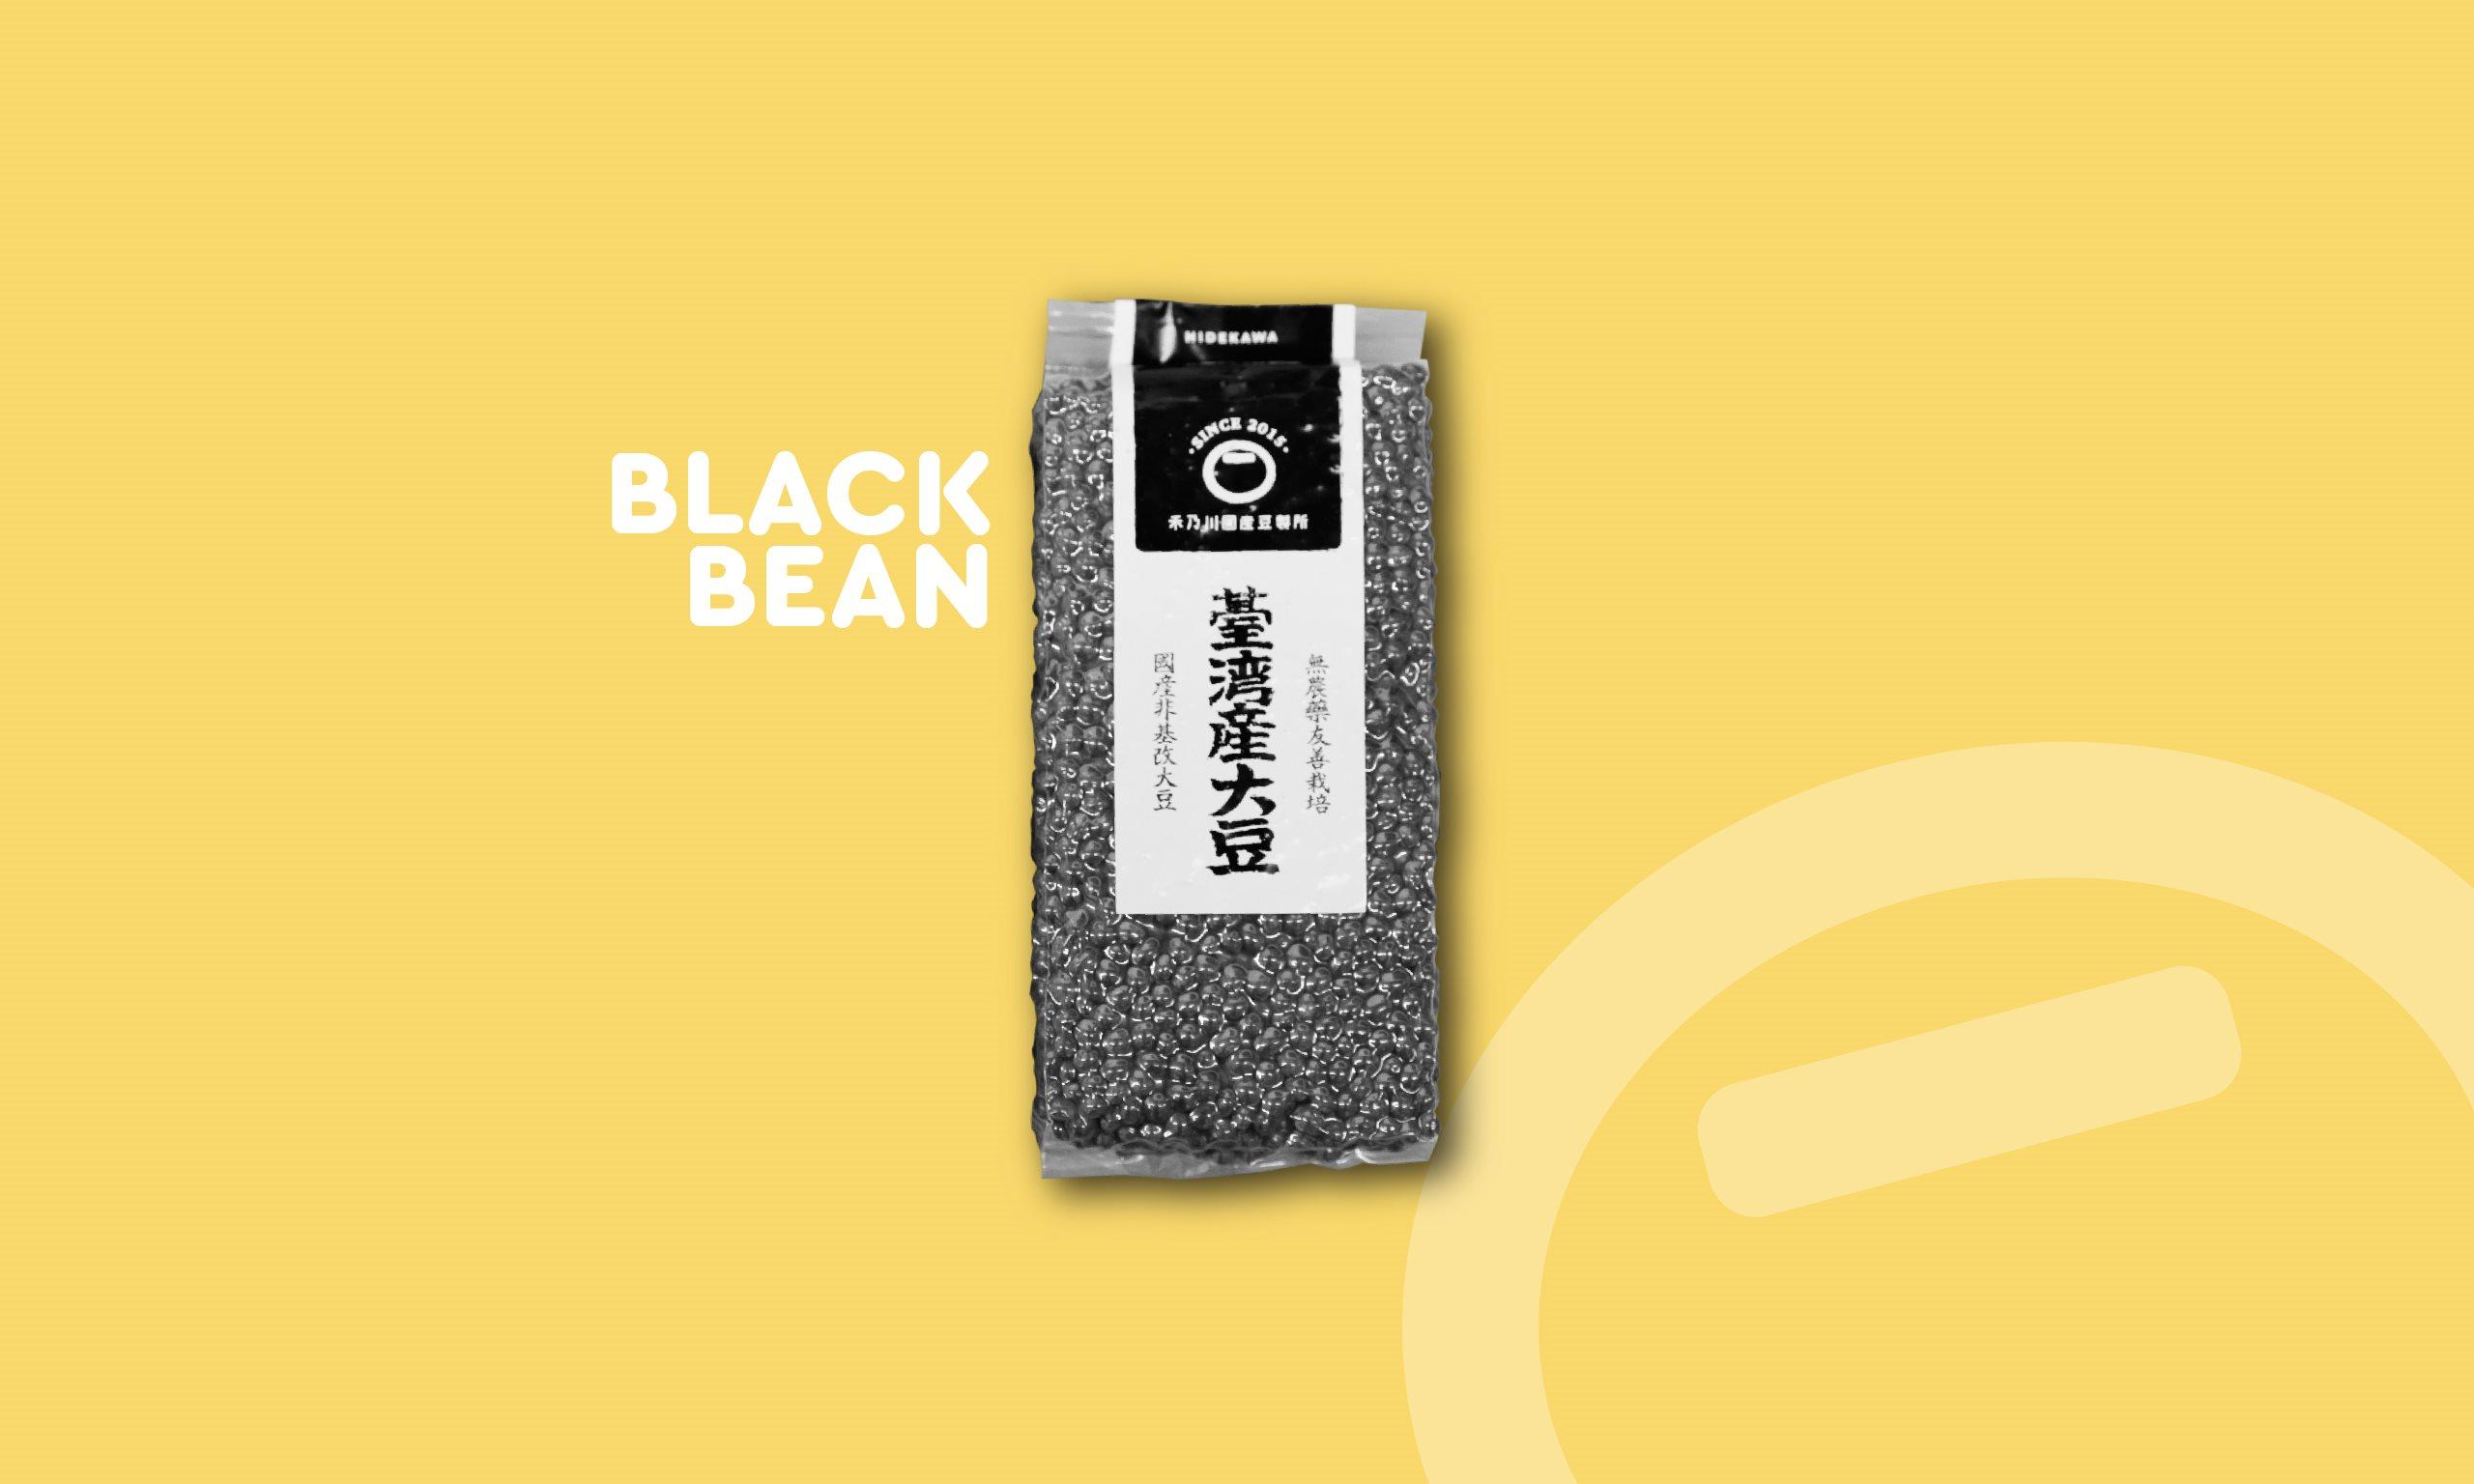 國產生黑豆 - 非基改無毒耕種